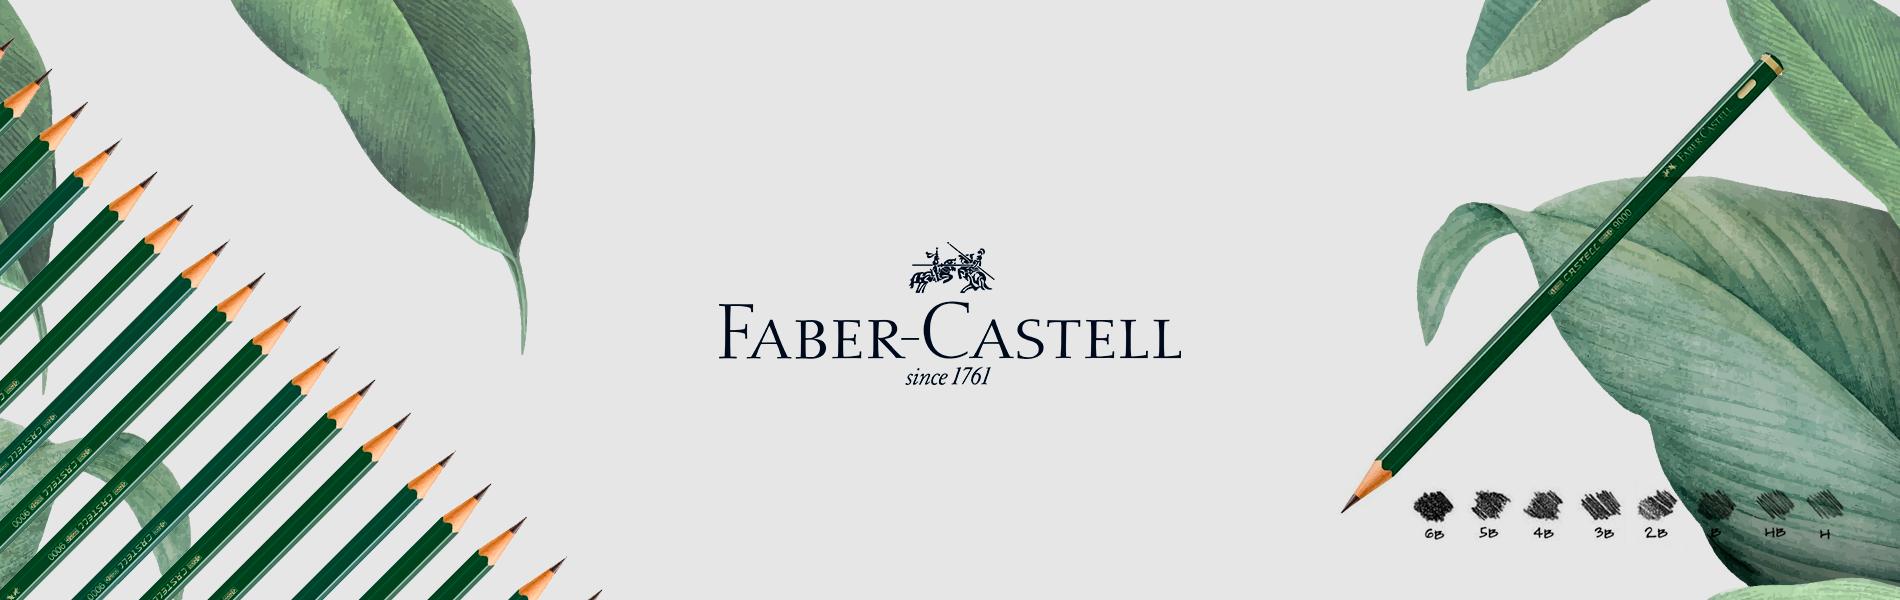 Banner_Faber